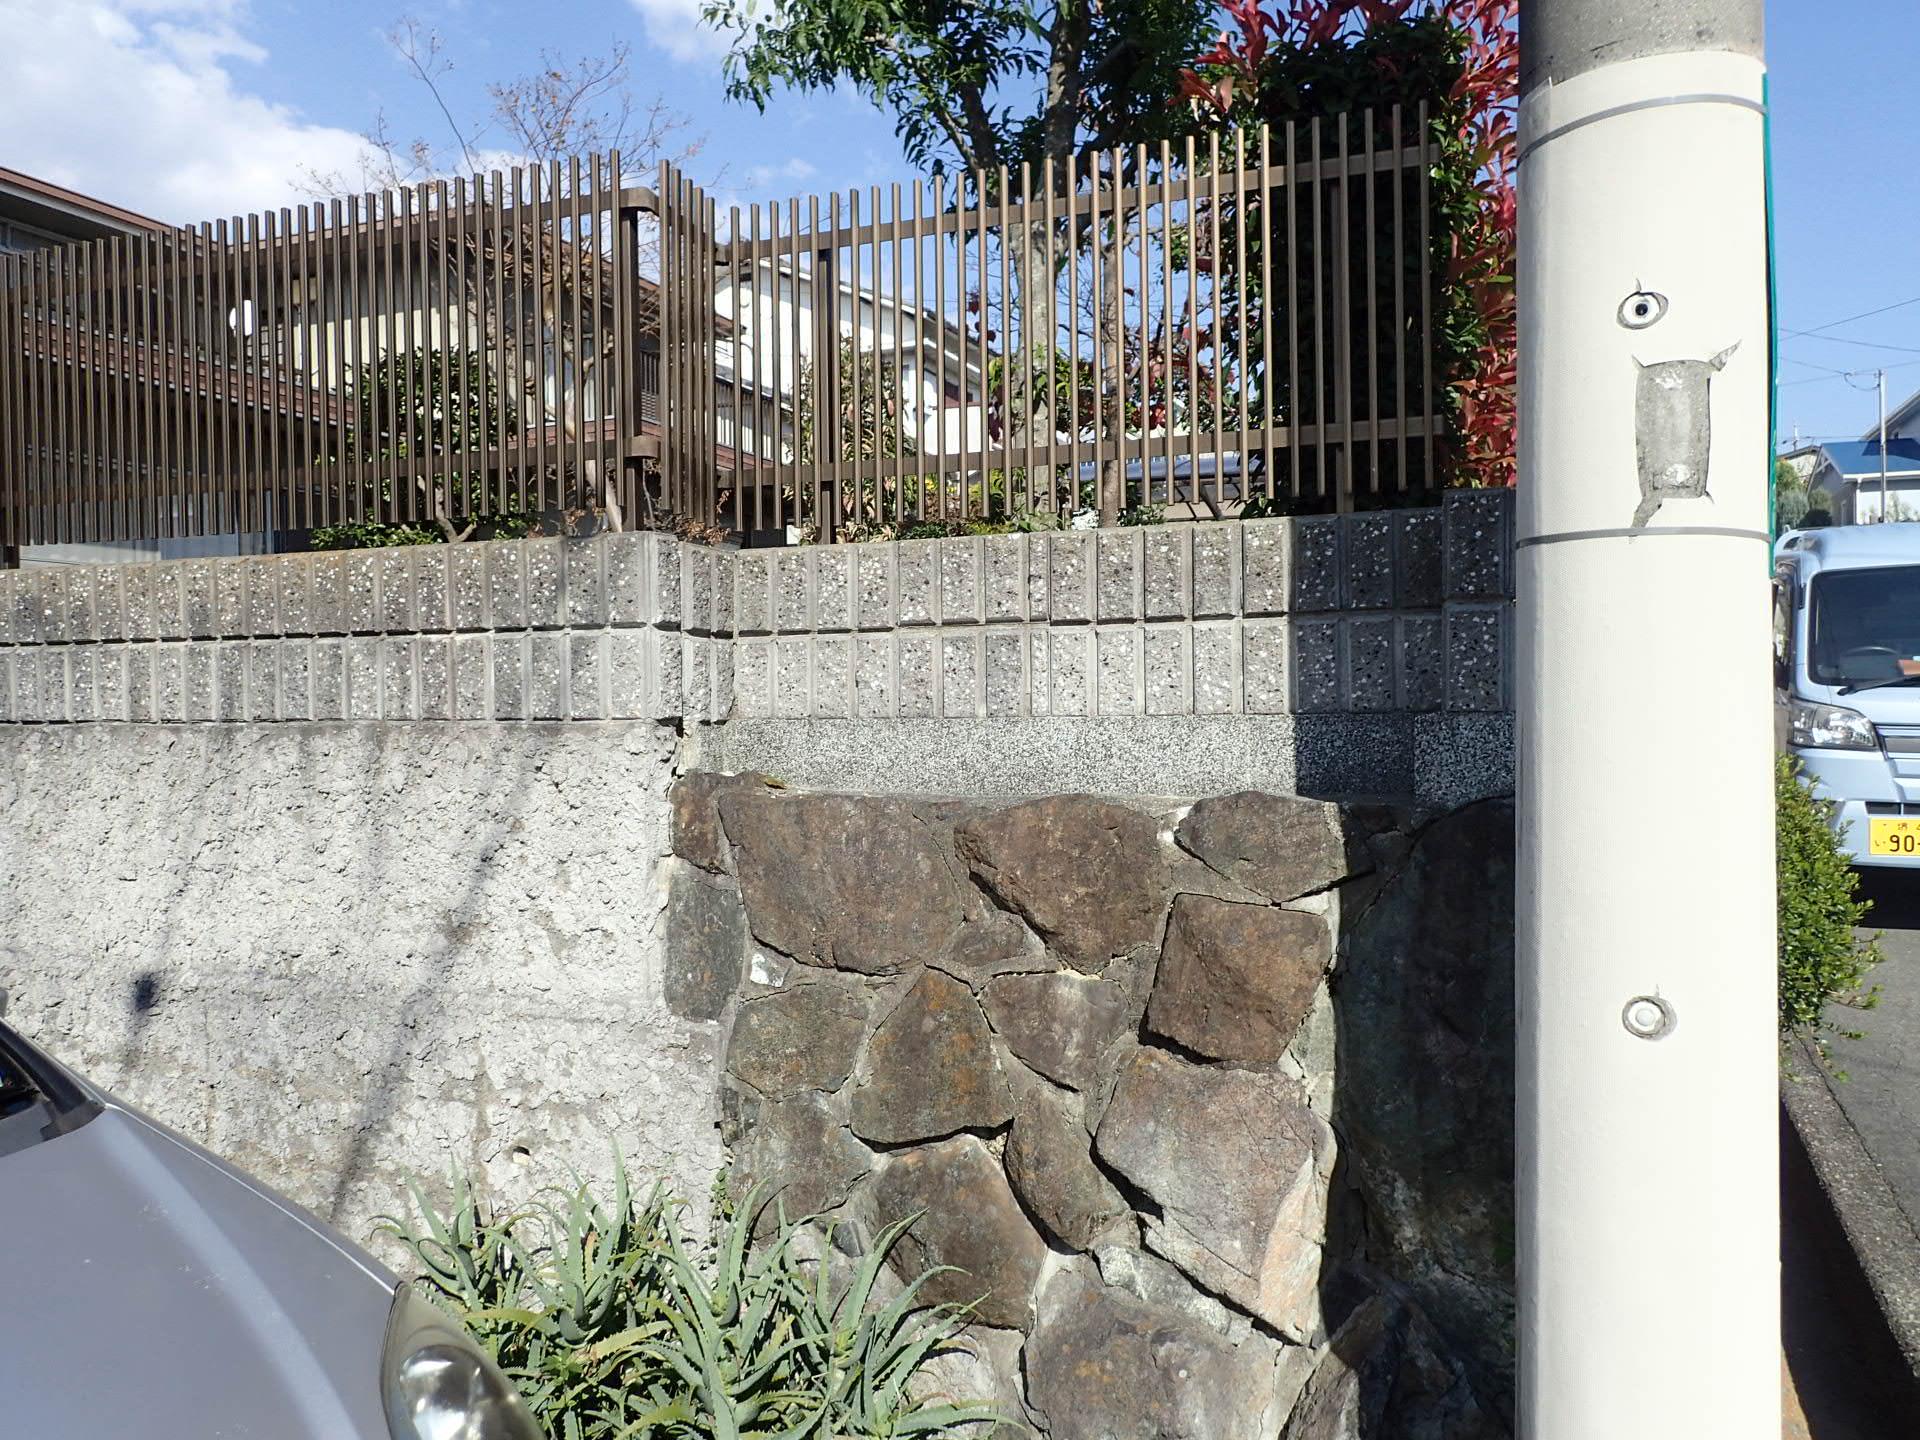 石垣の上に積んだブロック塀の改修工事